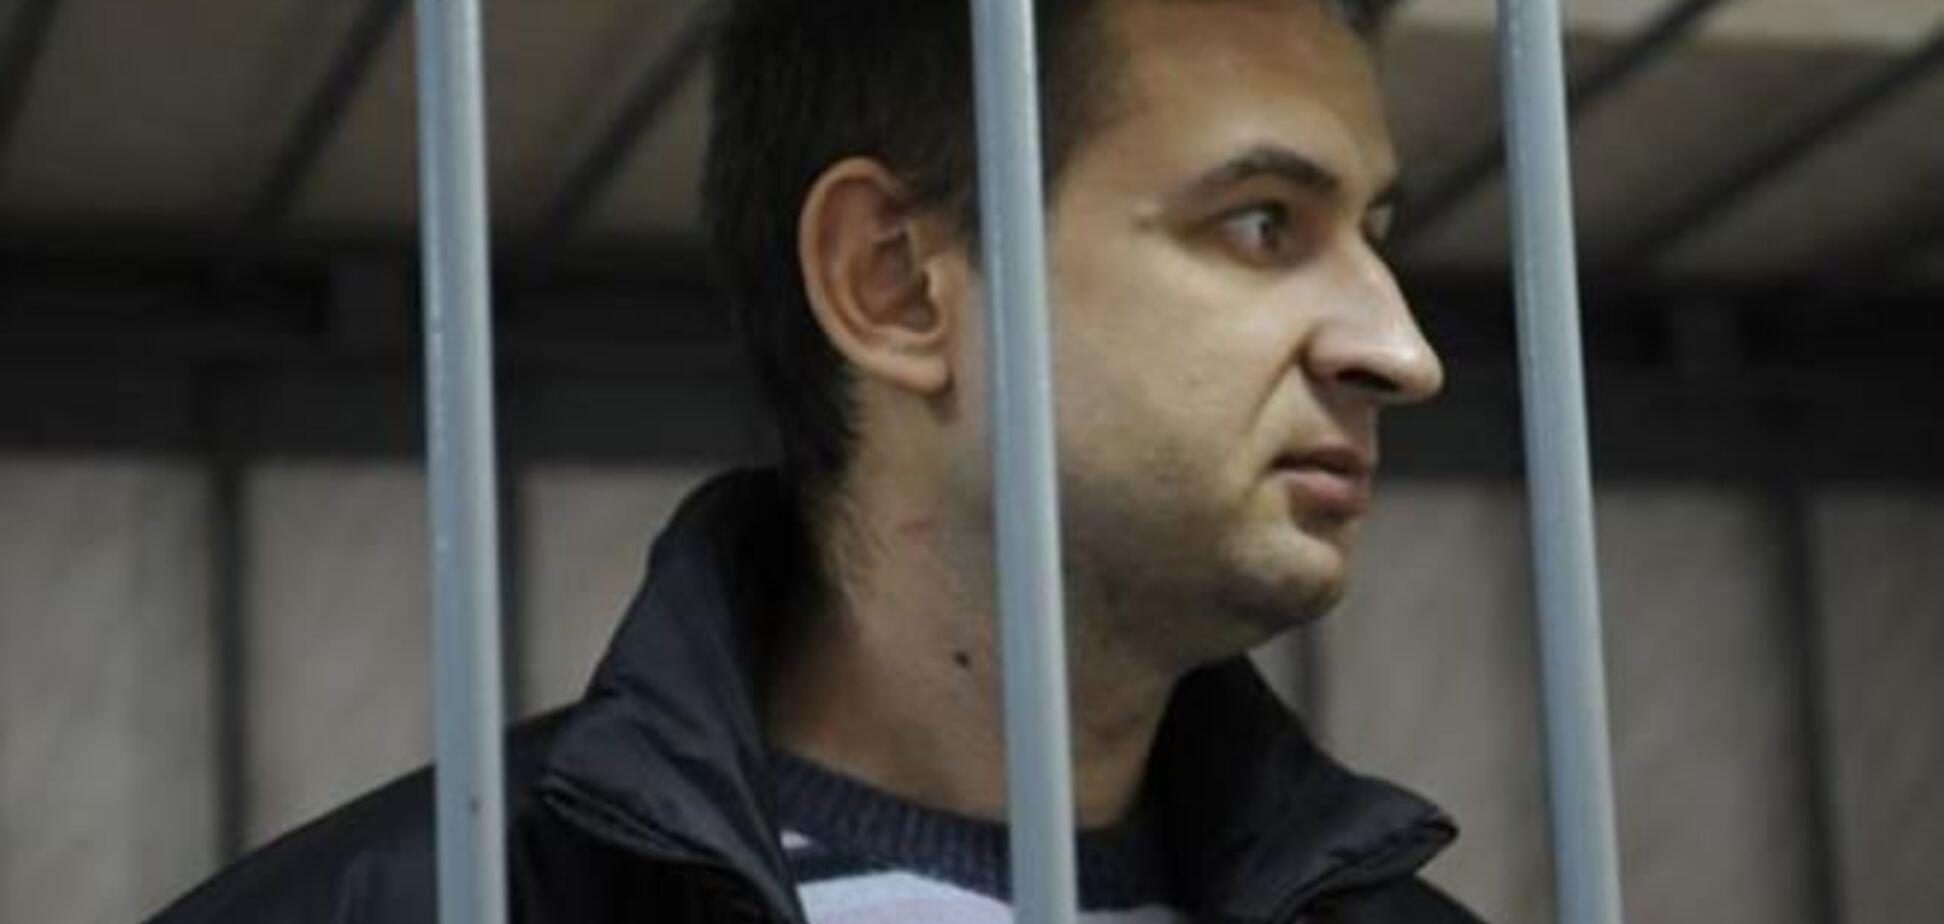 Соседи украинца, арестованного на судне 'Гринпис' в РФ, шокированы обвинением